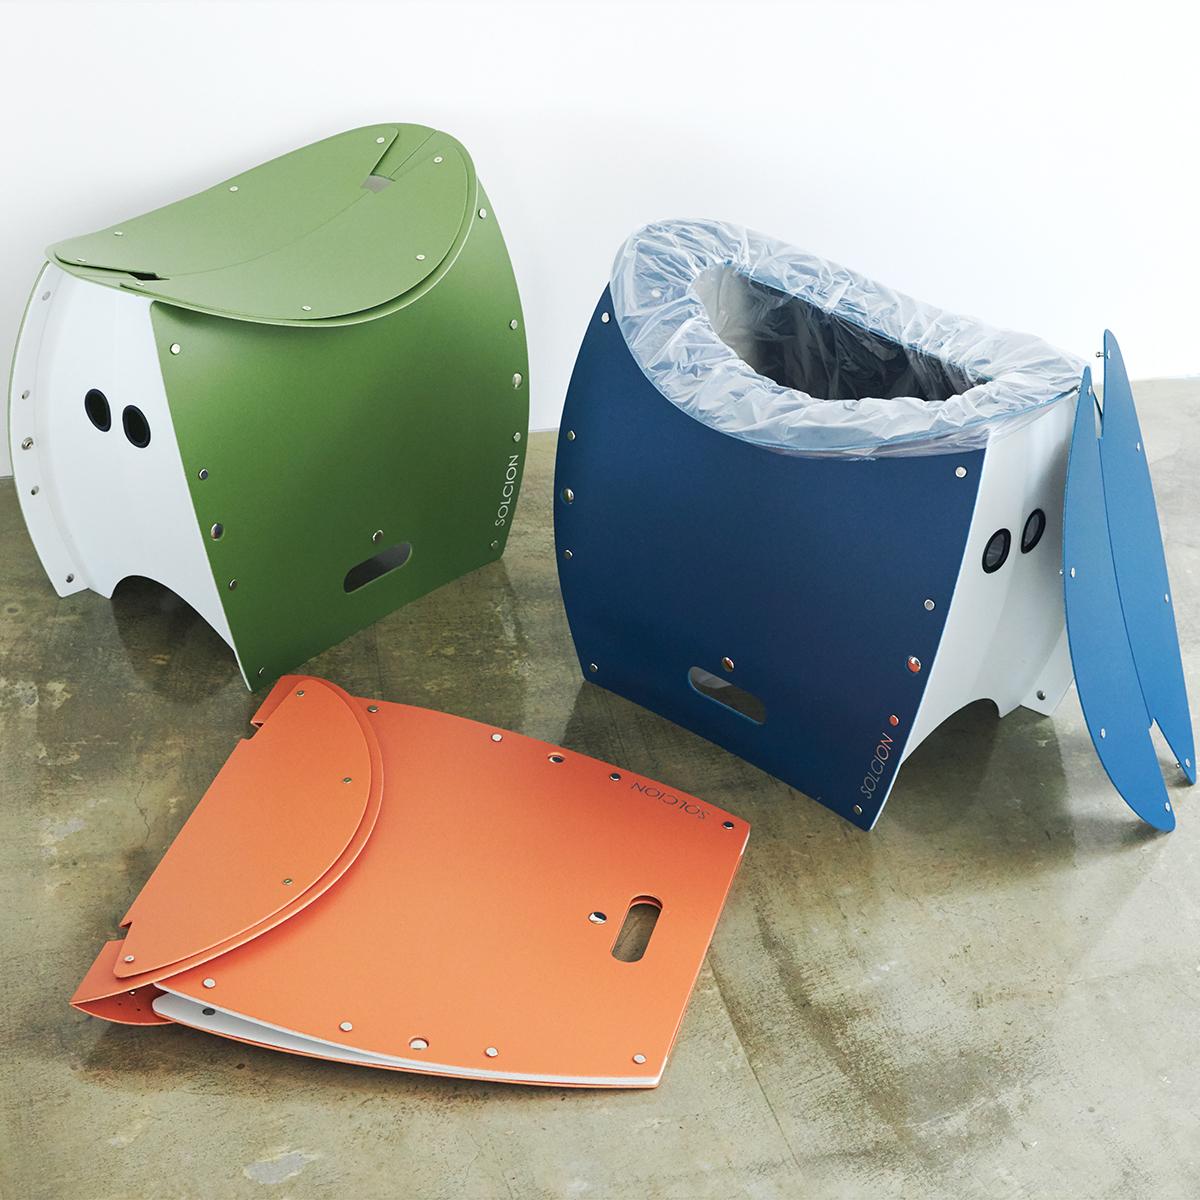 まだ進化するの!? 薄さ4cmのどこでもイス | 座面を外せば、ゴミ箱・防災トイレが出現